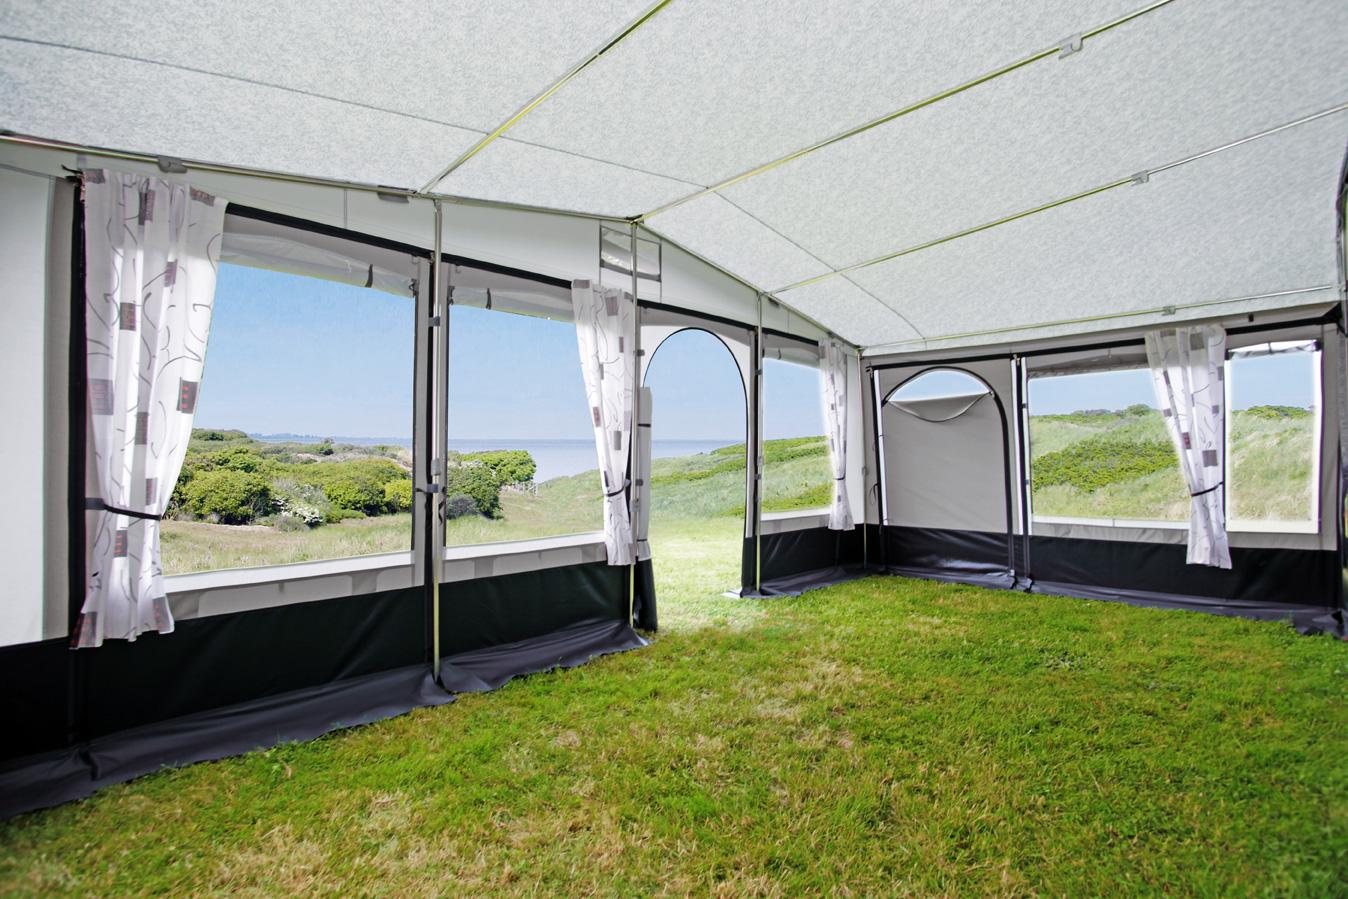 ... 300 cm Bodentiefe bietet freie Gestaltungsmöglichkeiten. Exklusiver Wohnkomfort durch rundum großzügige Fensterflächen.